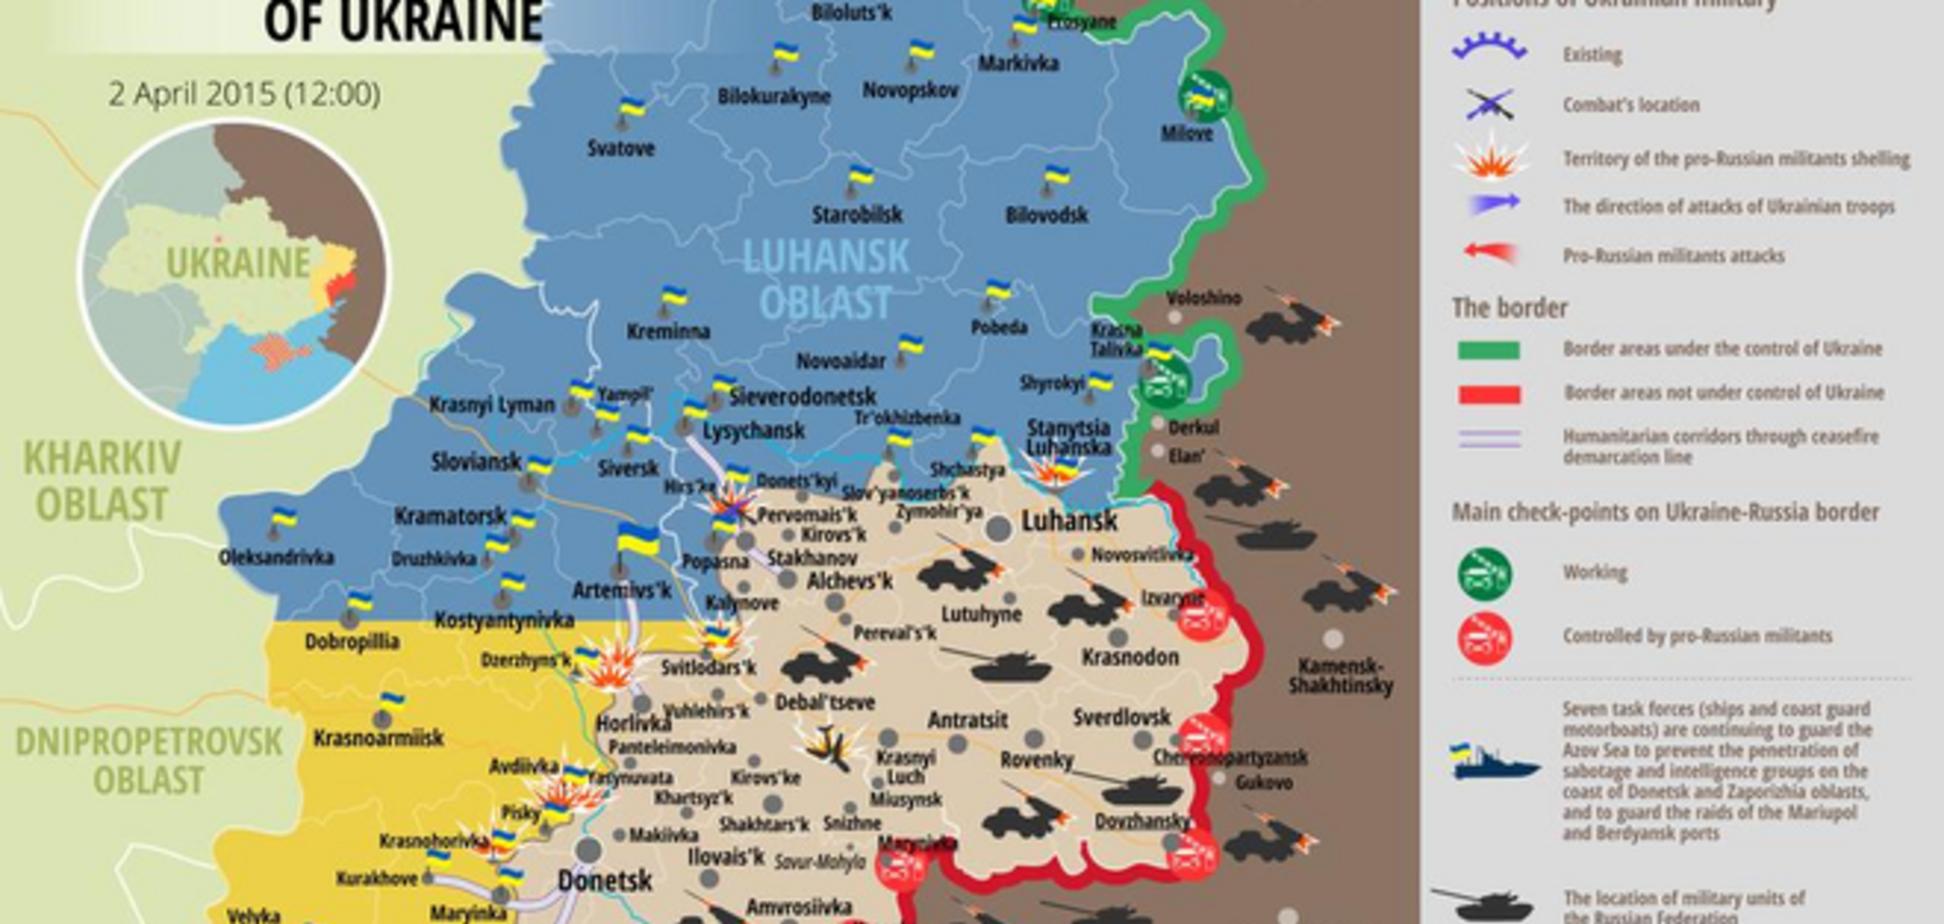 Терористи почали переміщення важкого озброєння: мапа АТО